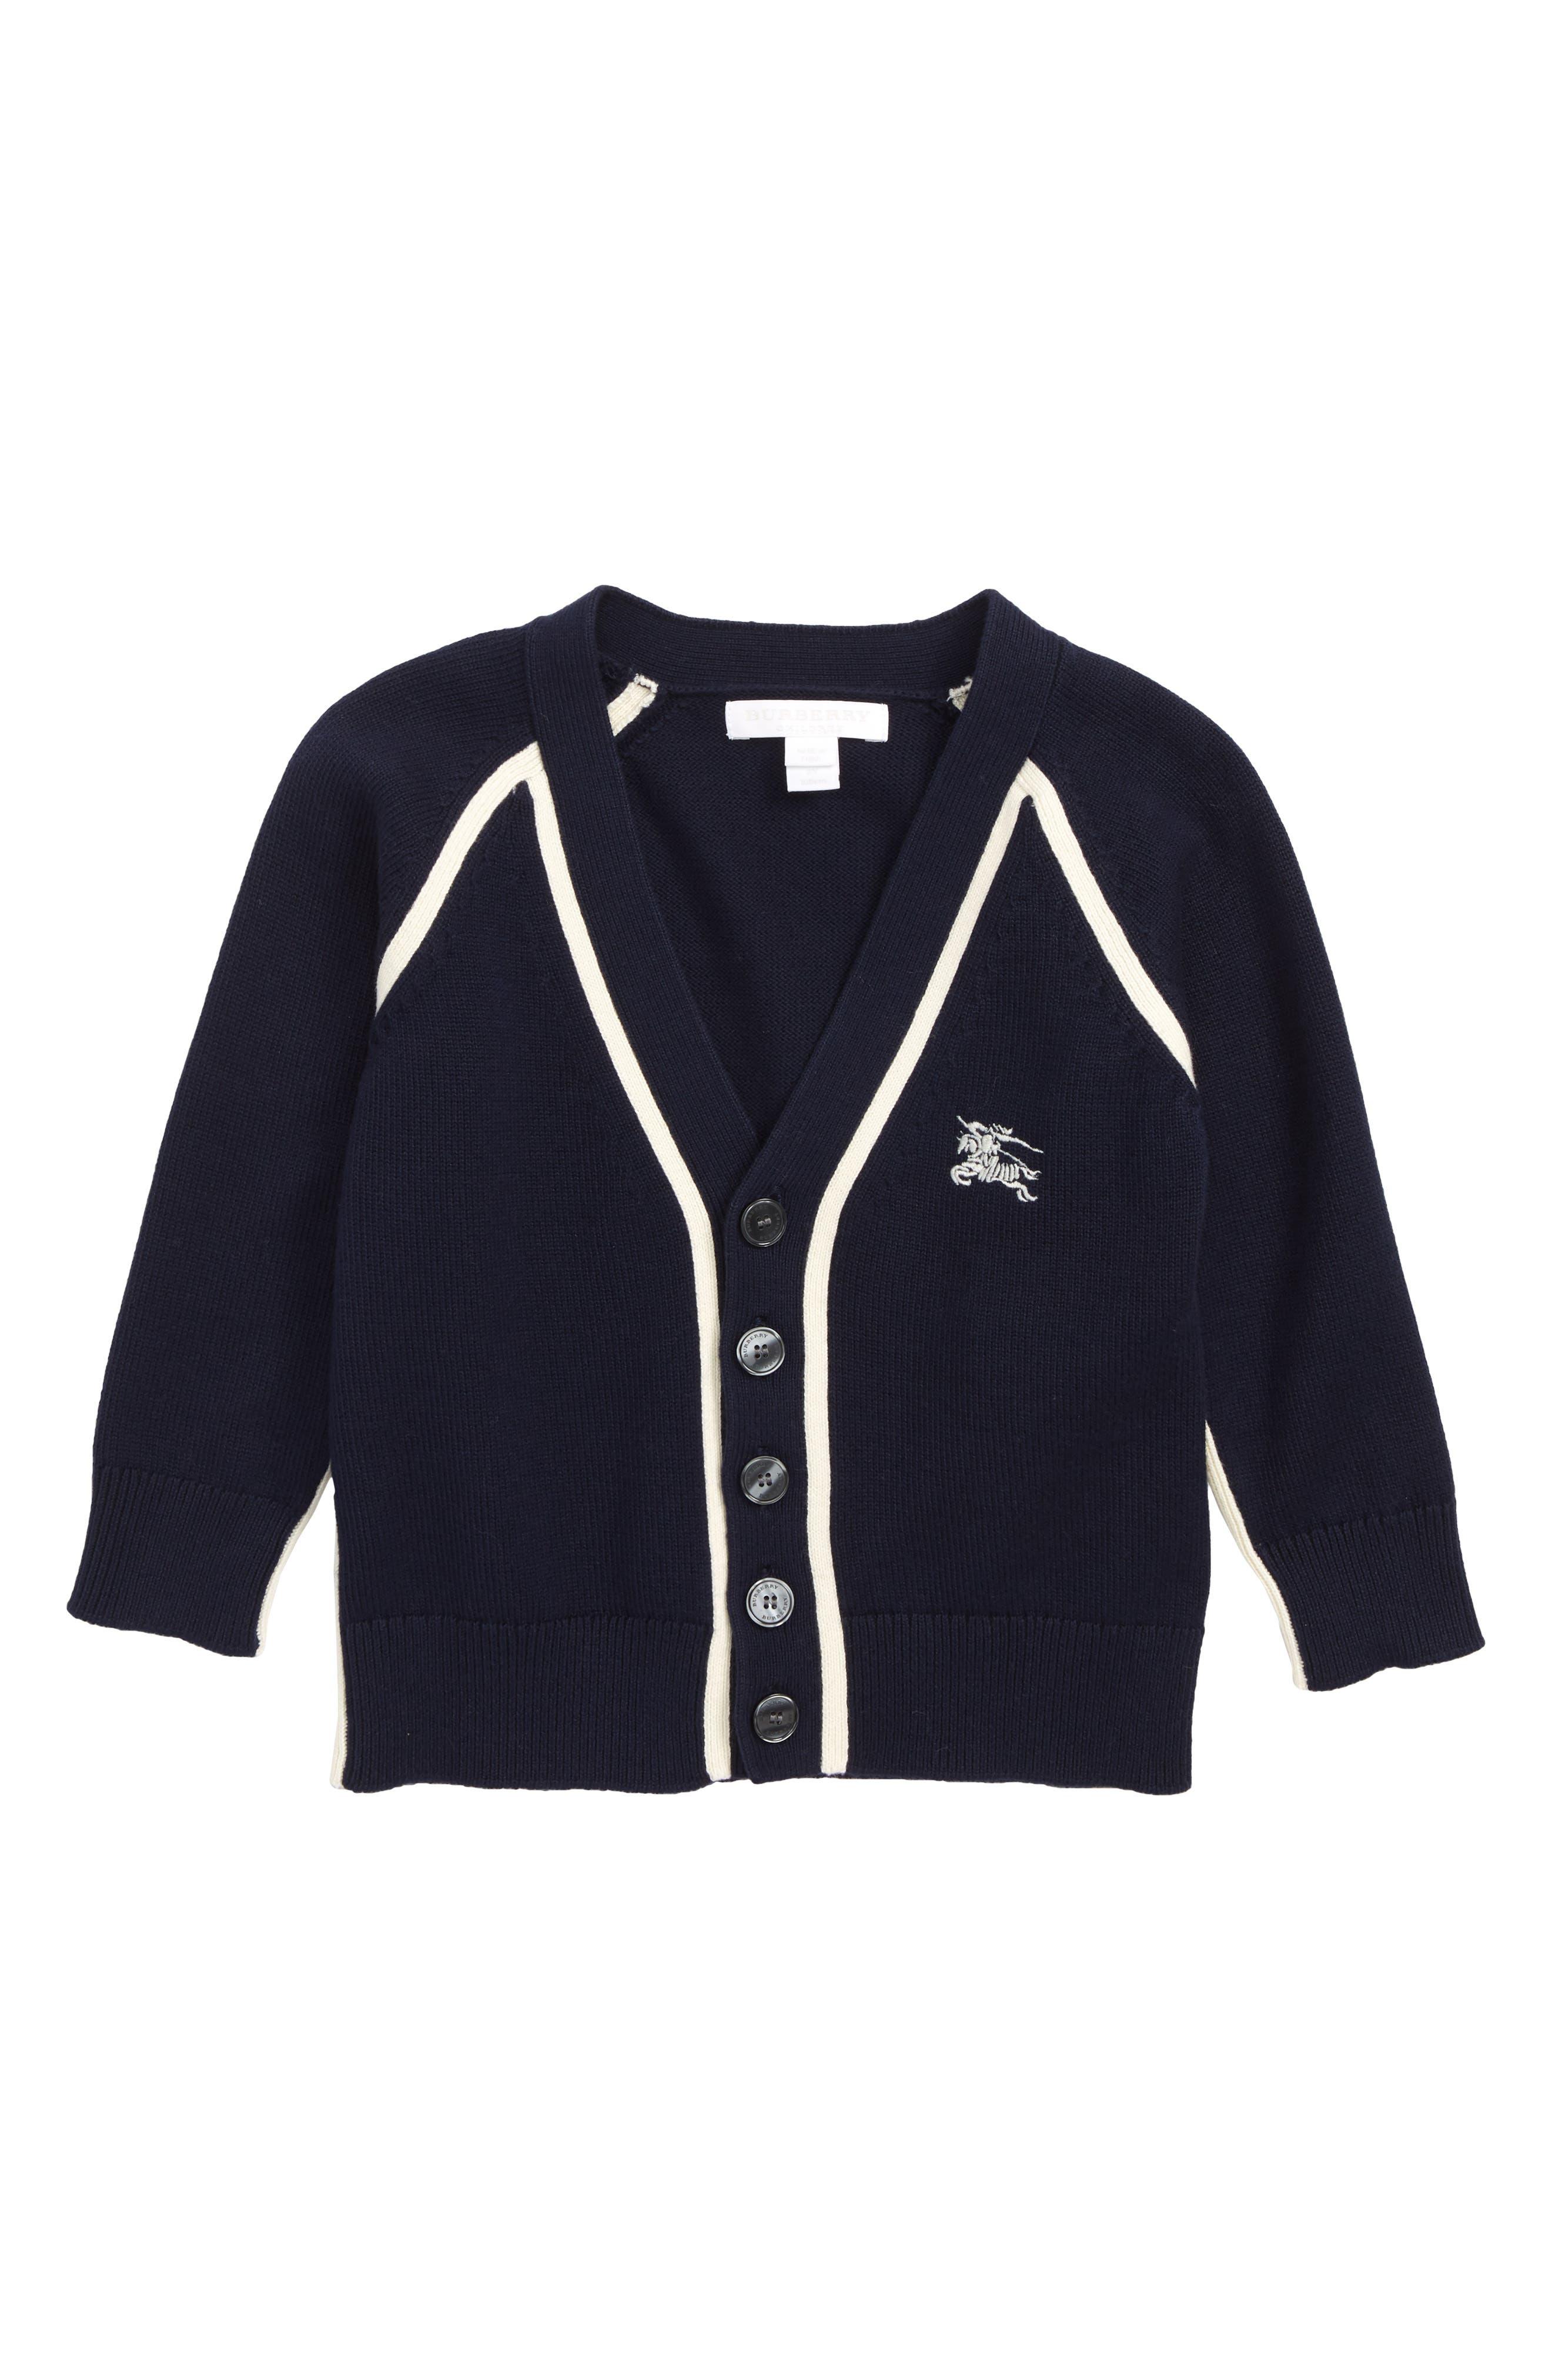 Boys Burberry Sedrick Cardigan Size 14Y  Blue